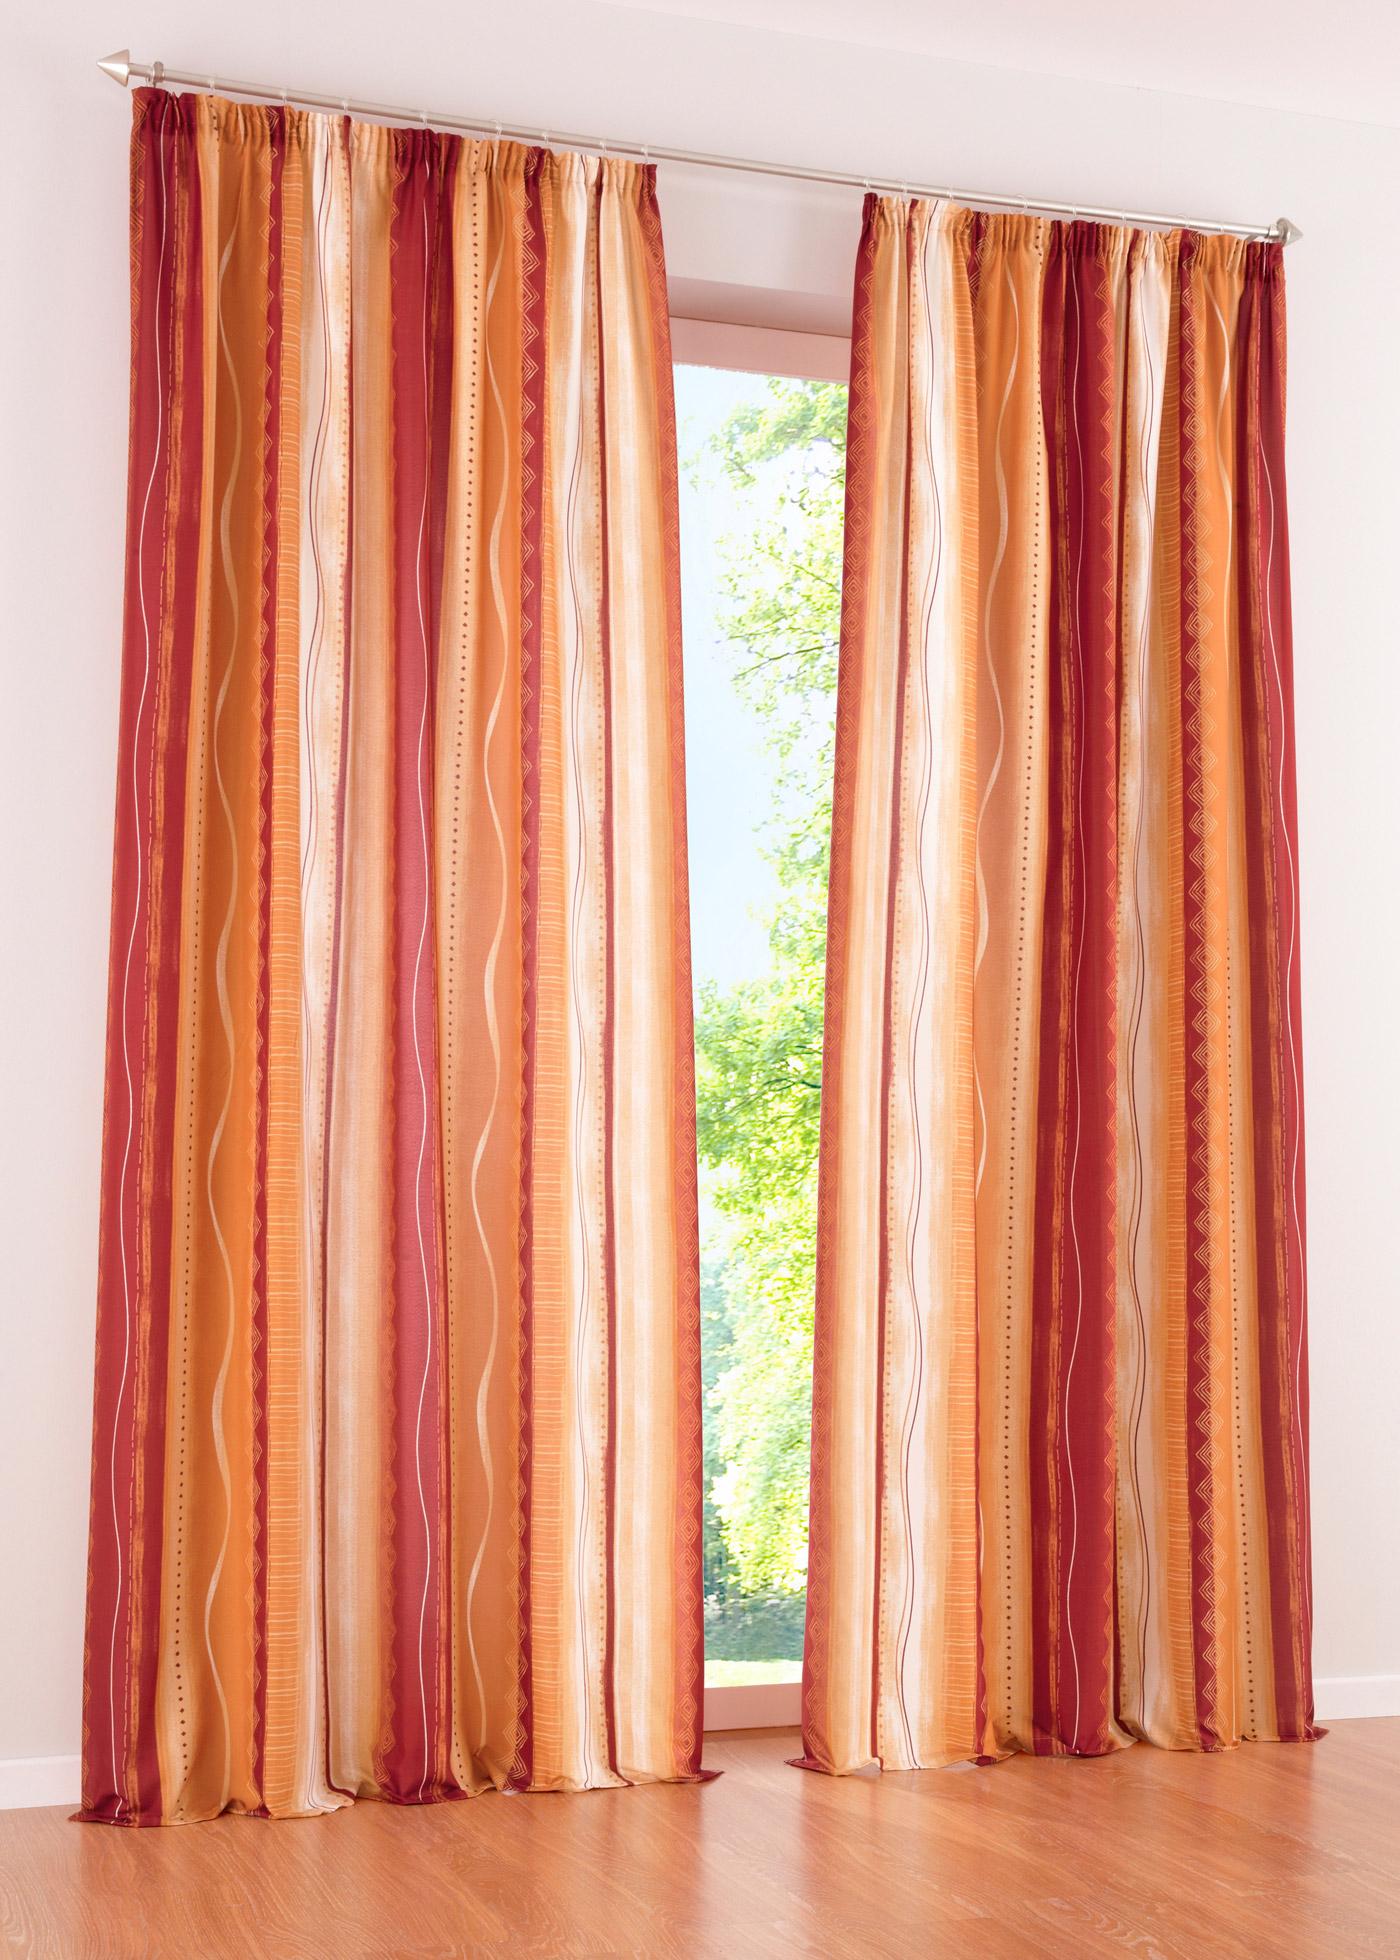 Full Size of Bonprix Gardinen Querbehang Vorhang Mexico 1er Pack Für Küche Die Schlafzimmer Fenster Scheibengardinen Betten Wohnzimmer Wohnzimmer Bonprix Gardinen Querbehang